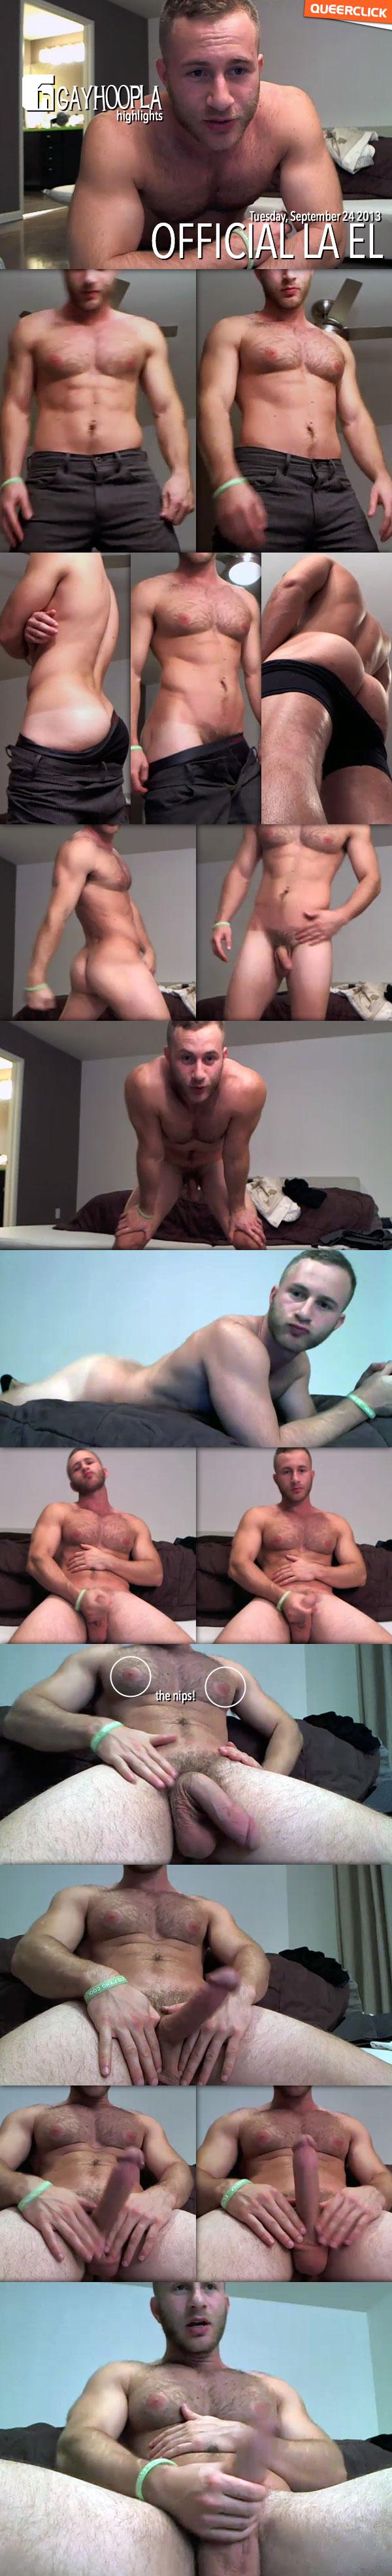 gayhoopla-official-la-el-002.jpg